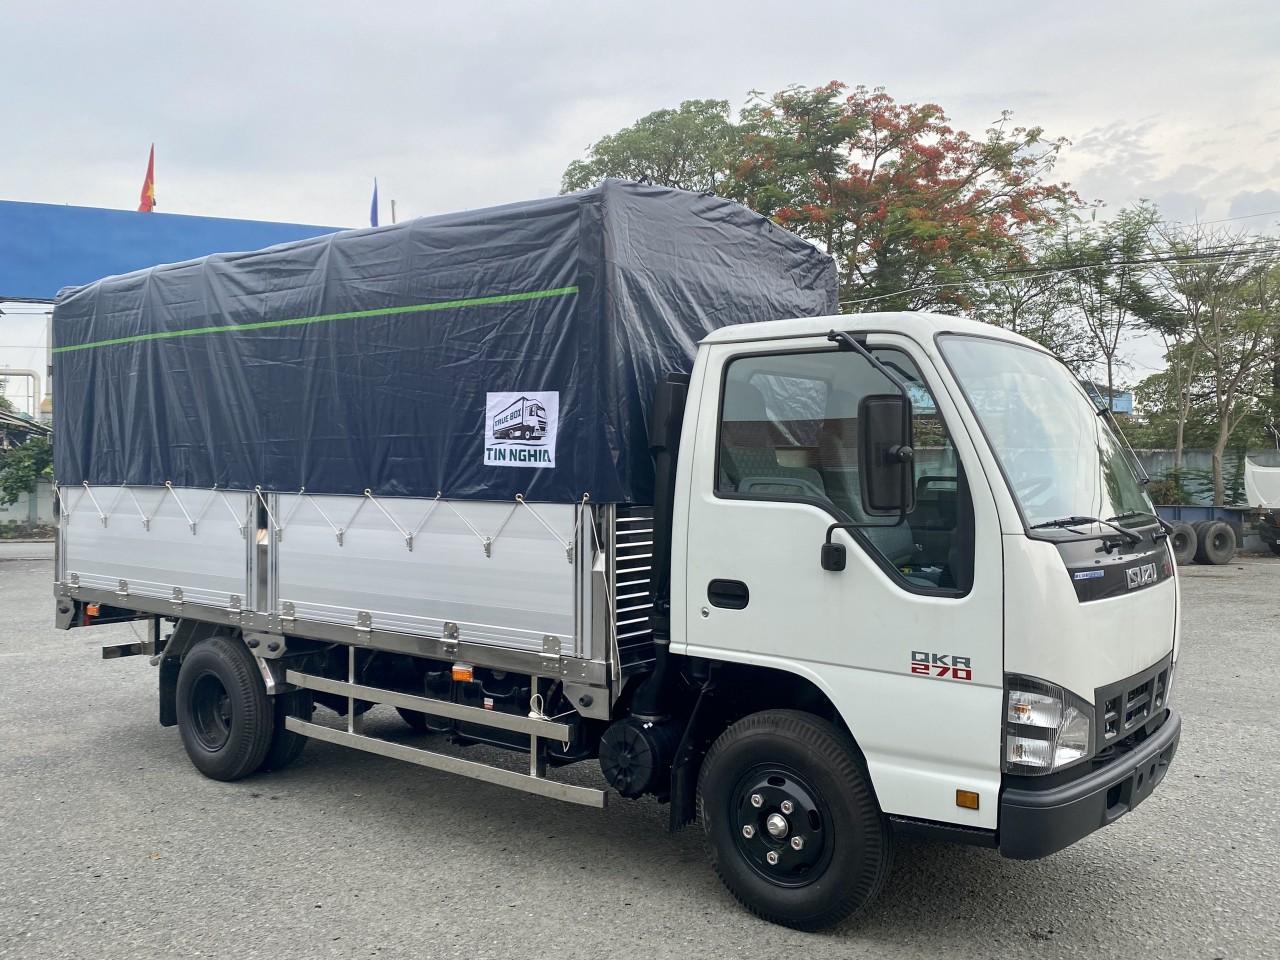 xe tải isuzu kiêng giang, đại lý xe tải vân nam, isuzu việt nam, xe tải isuzu nhật bản, xe tải isuzu dưới 2 tấn,giá bán xe tải isuzu